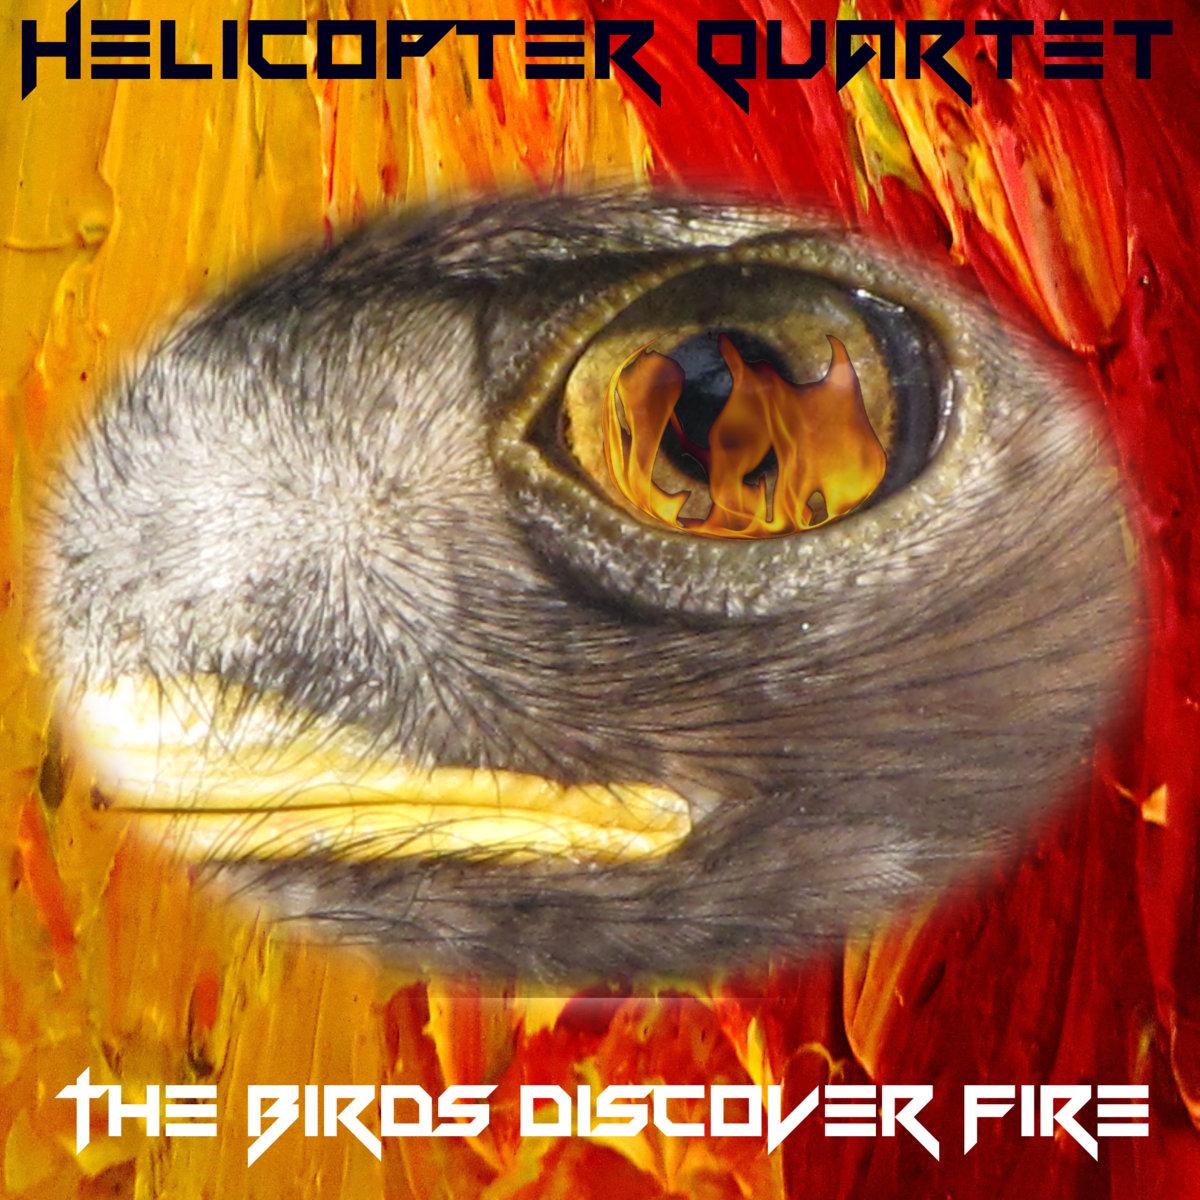 helicopter quartet